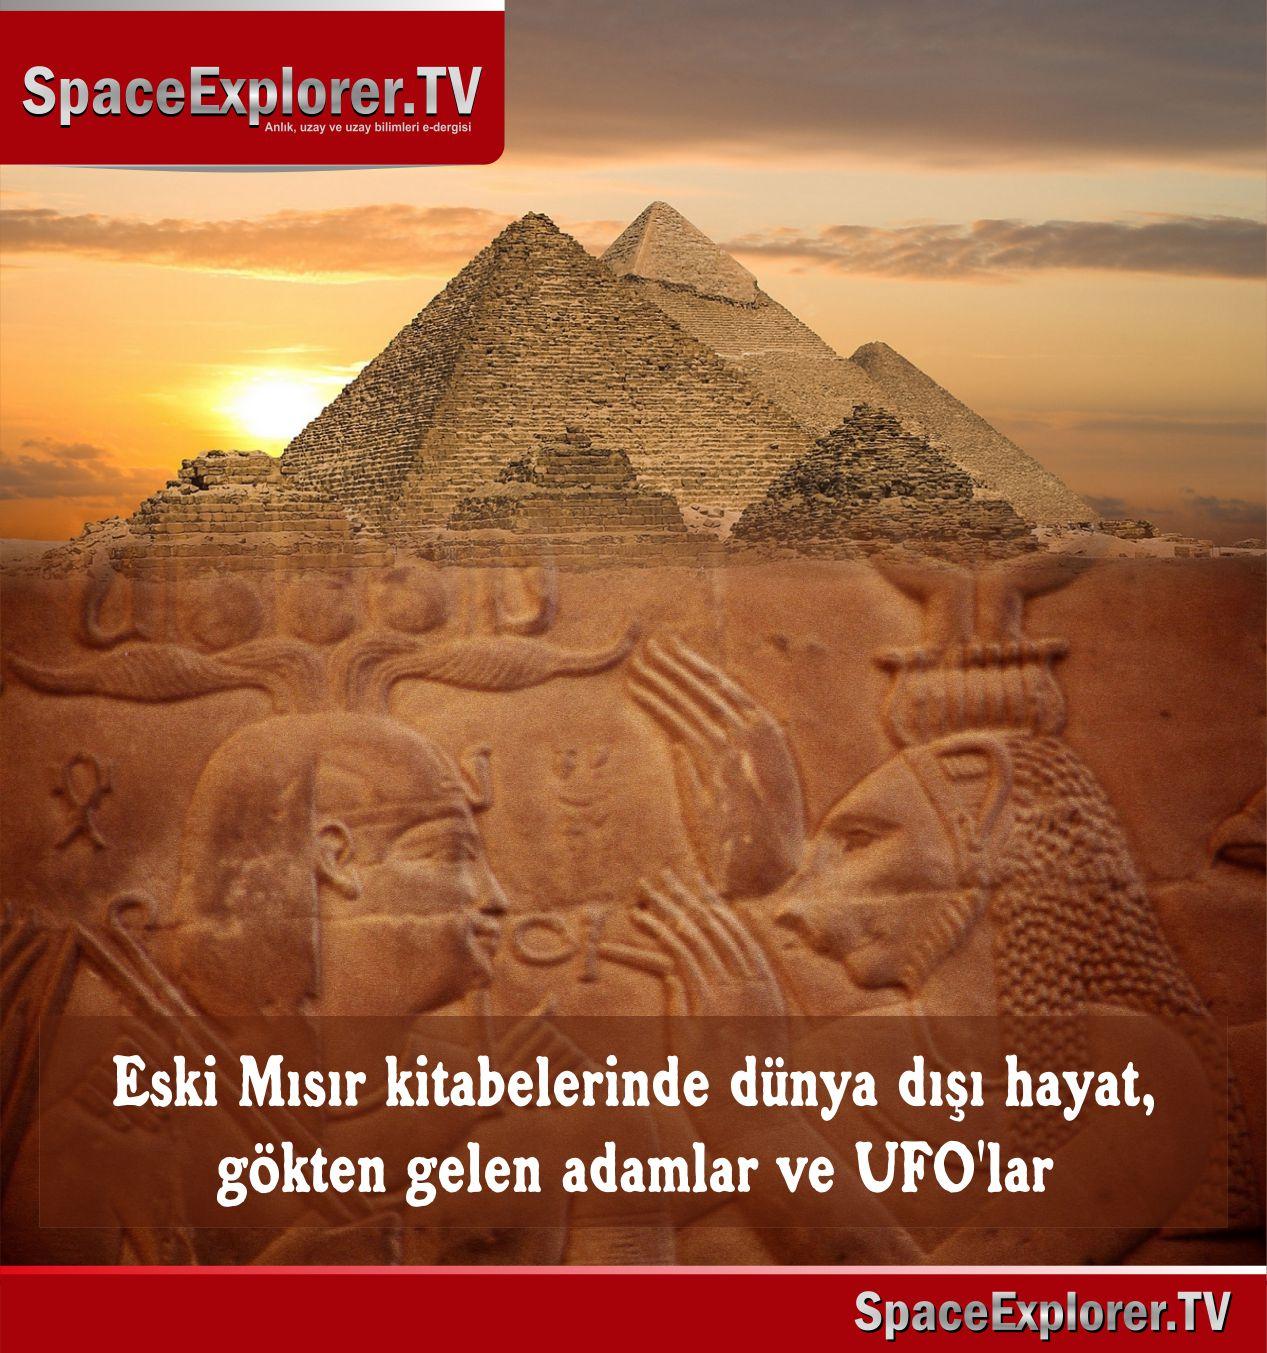 Antik uzaylılar, Antik Mısır, UFO'lar gerçek mi?, Geçmiş teknoloji devirleri, Süleyman aleyhisselam, Mısır, Ölüler kitabı, Sirius, Şi'ra yıldızı, UFO,